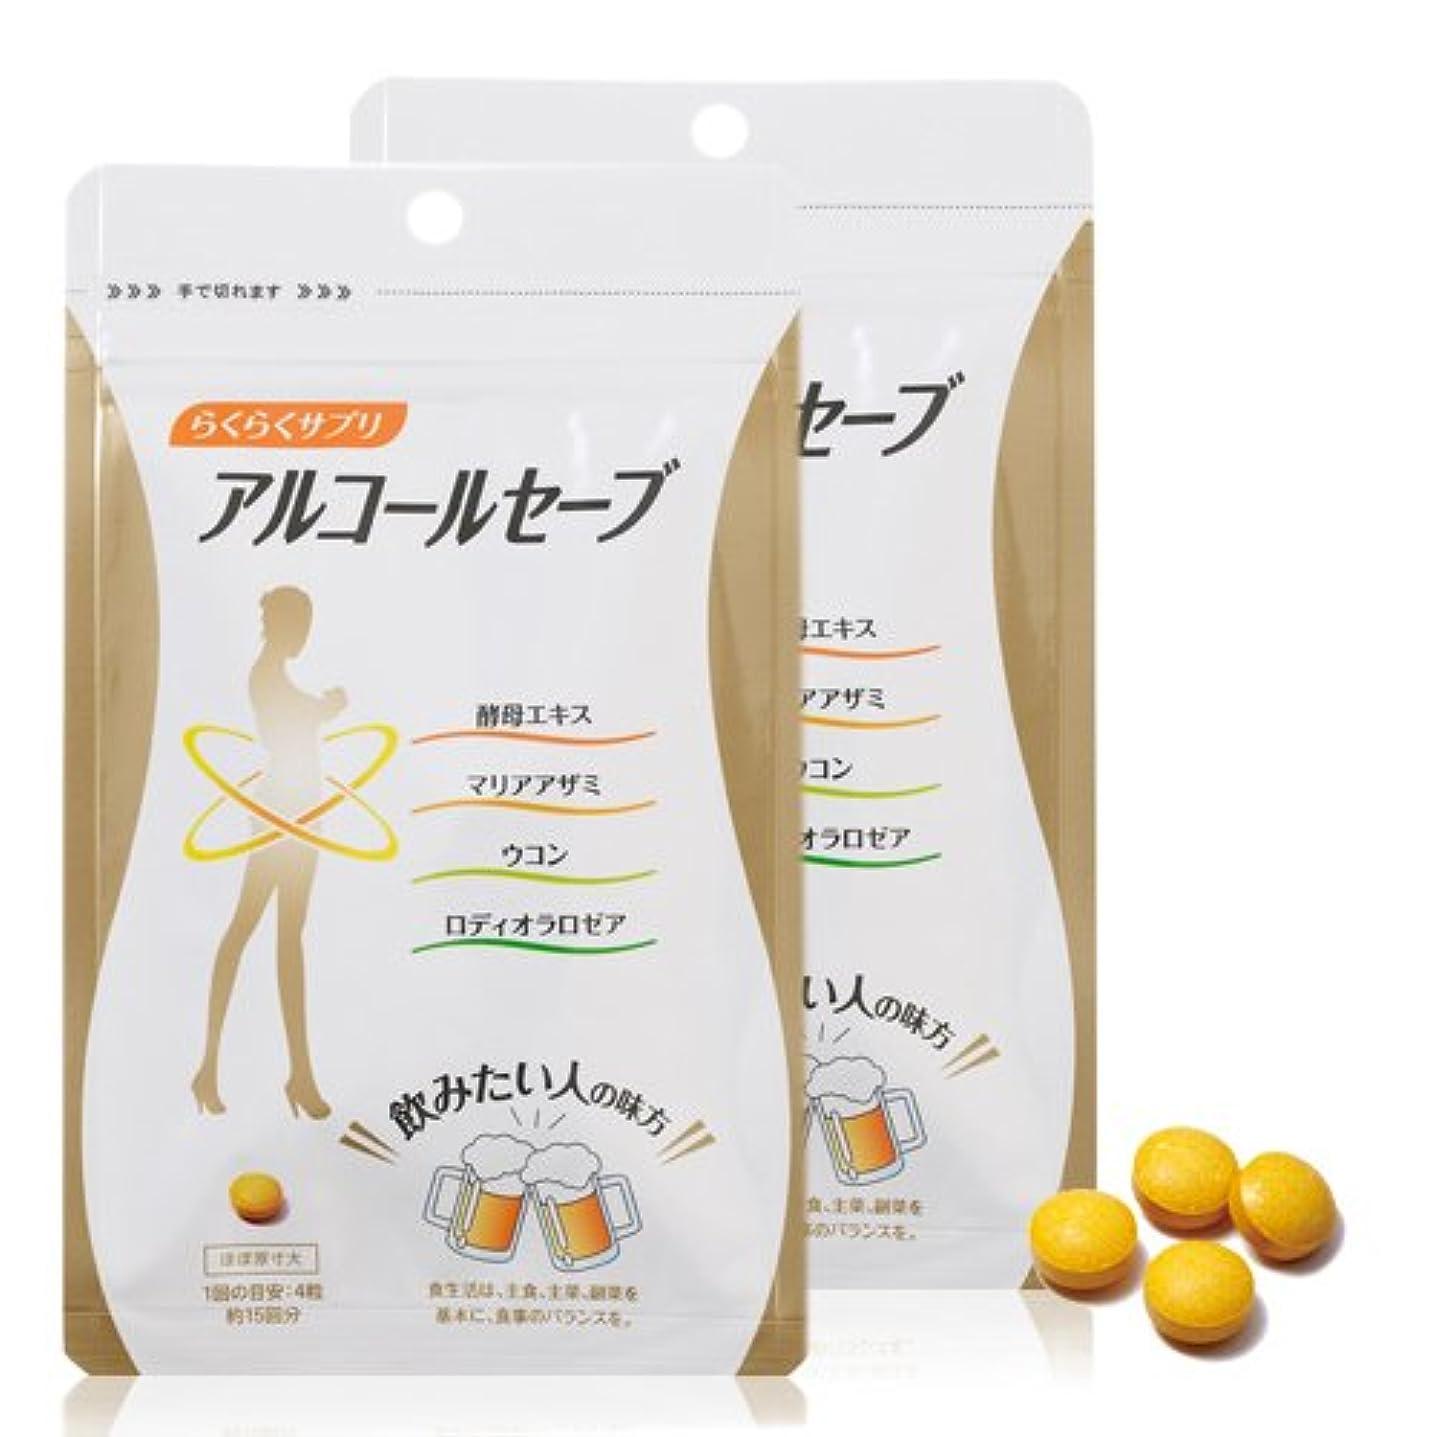 特徴玉ルートスリムサプリメント アルコールセーブ 2袋セット